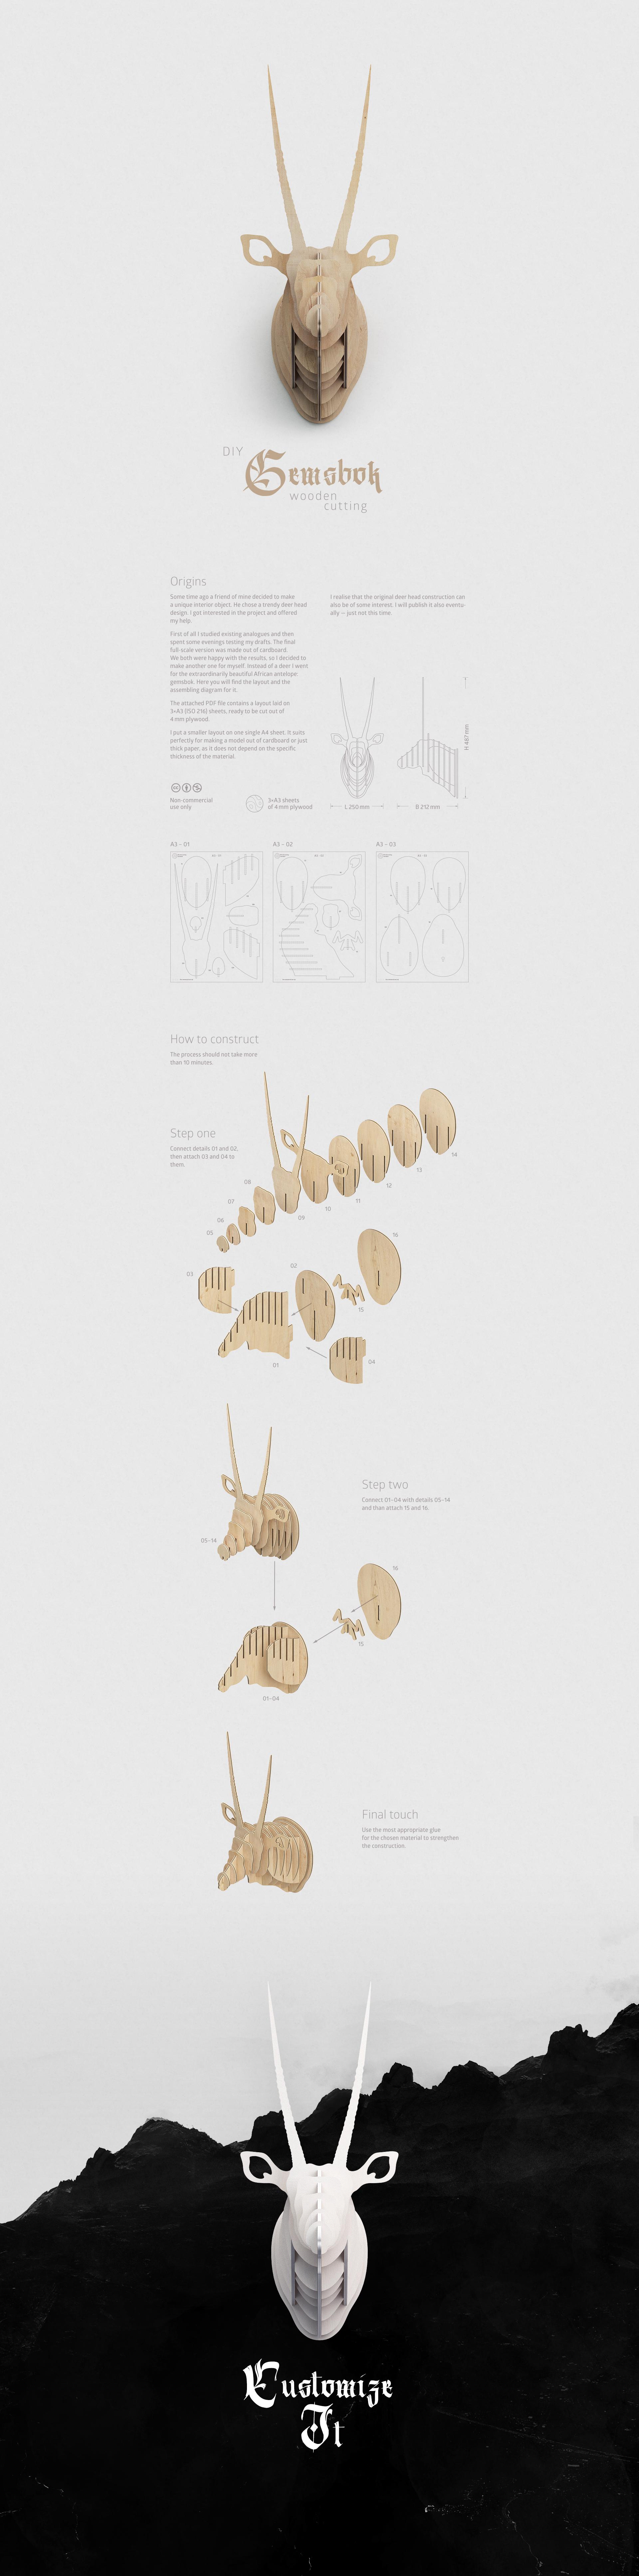 Diy wooden gemsbok